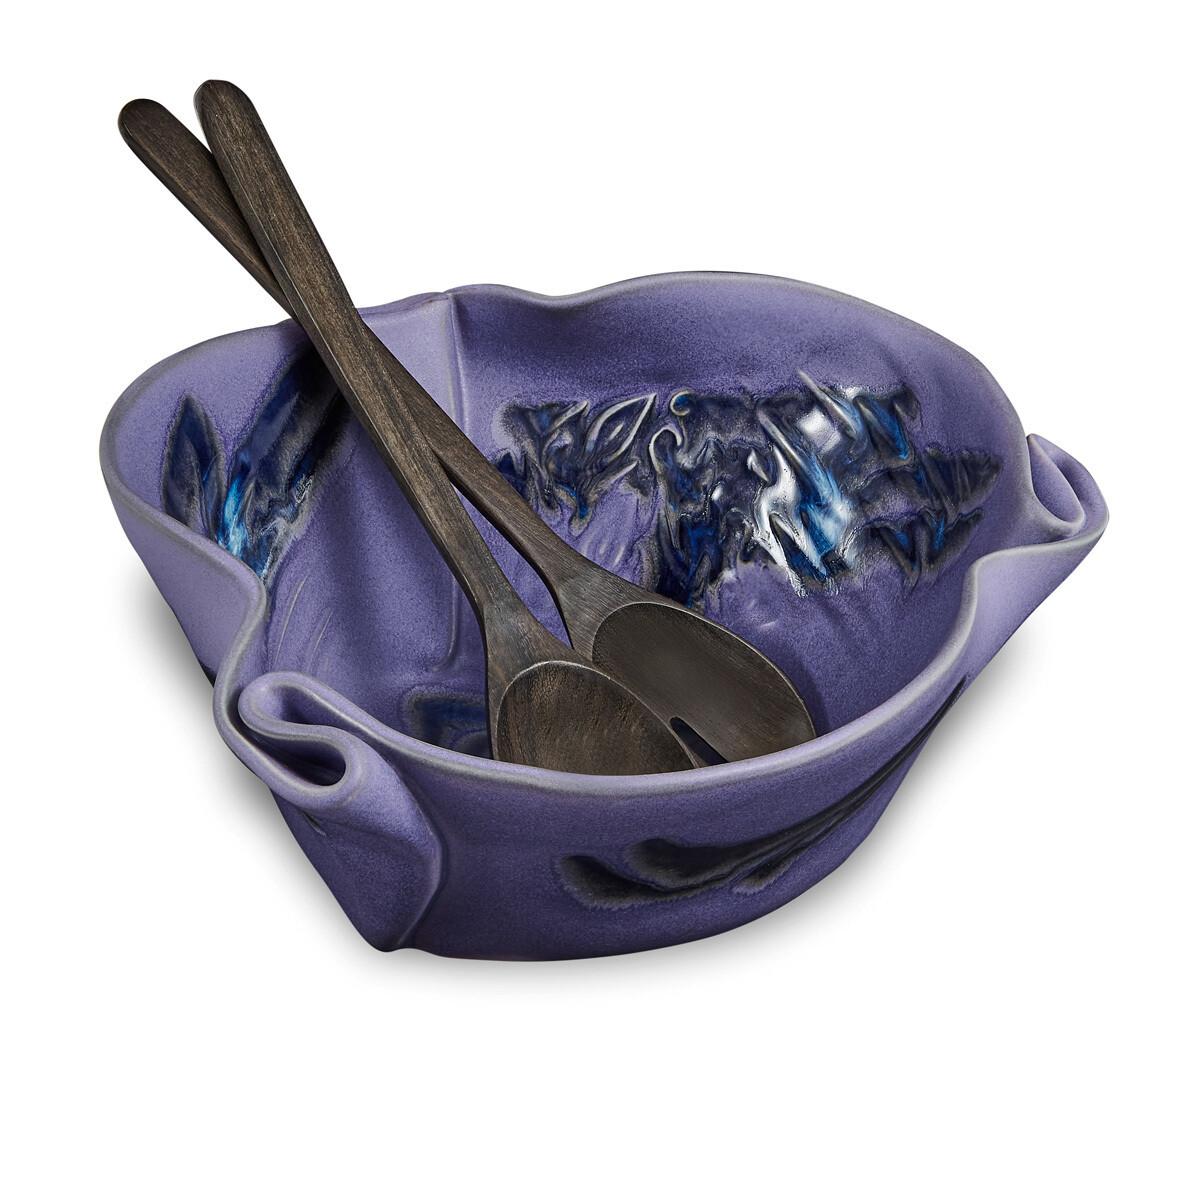 Hilborn Serving Bowl- Periwinkle Blue